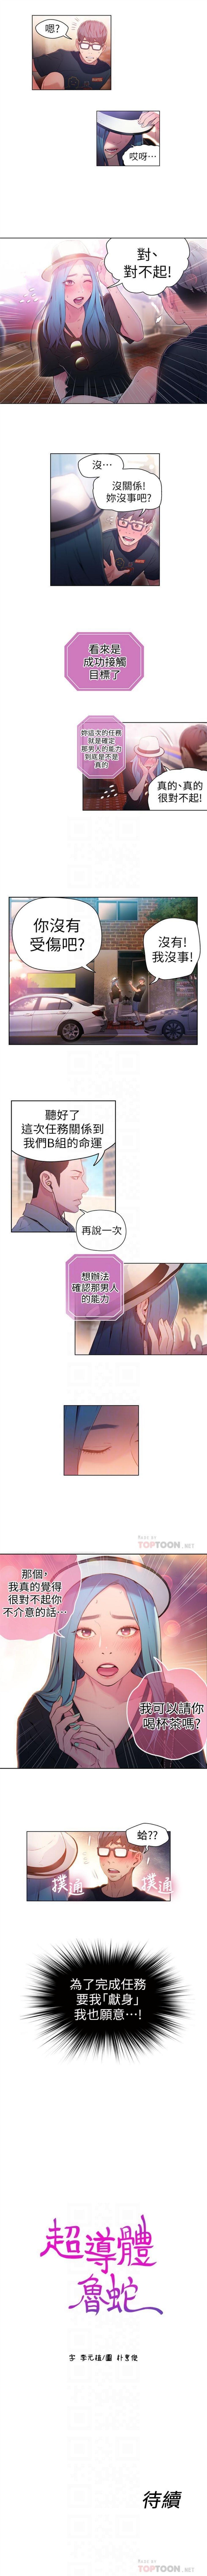 超導體魯蛇 1-41 官方中文(連載中) 110